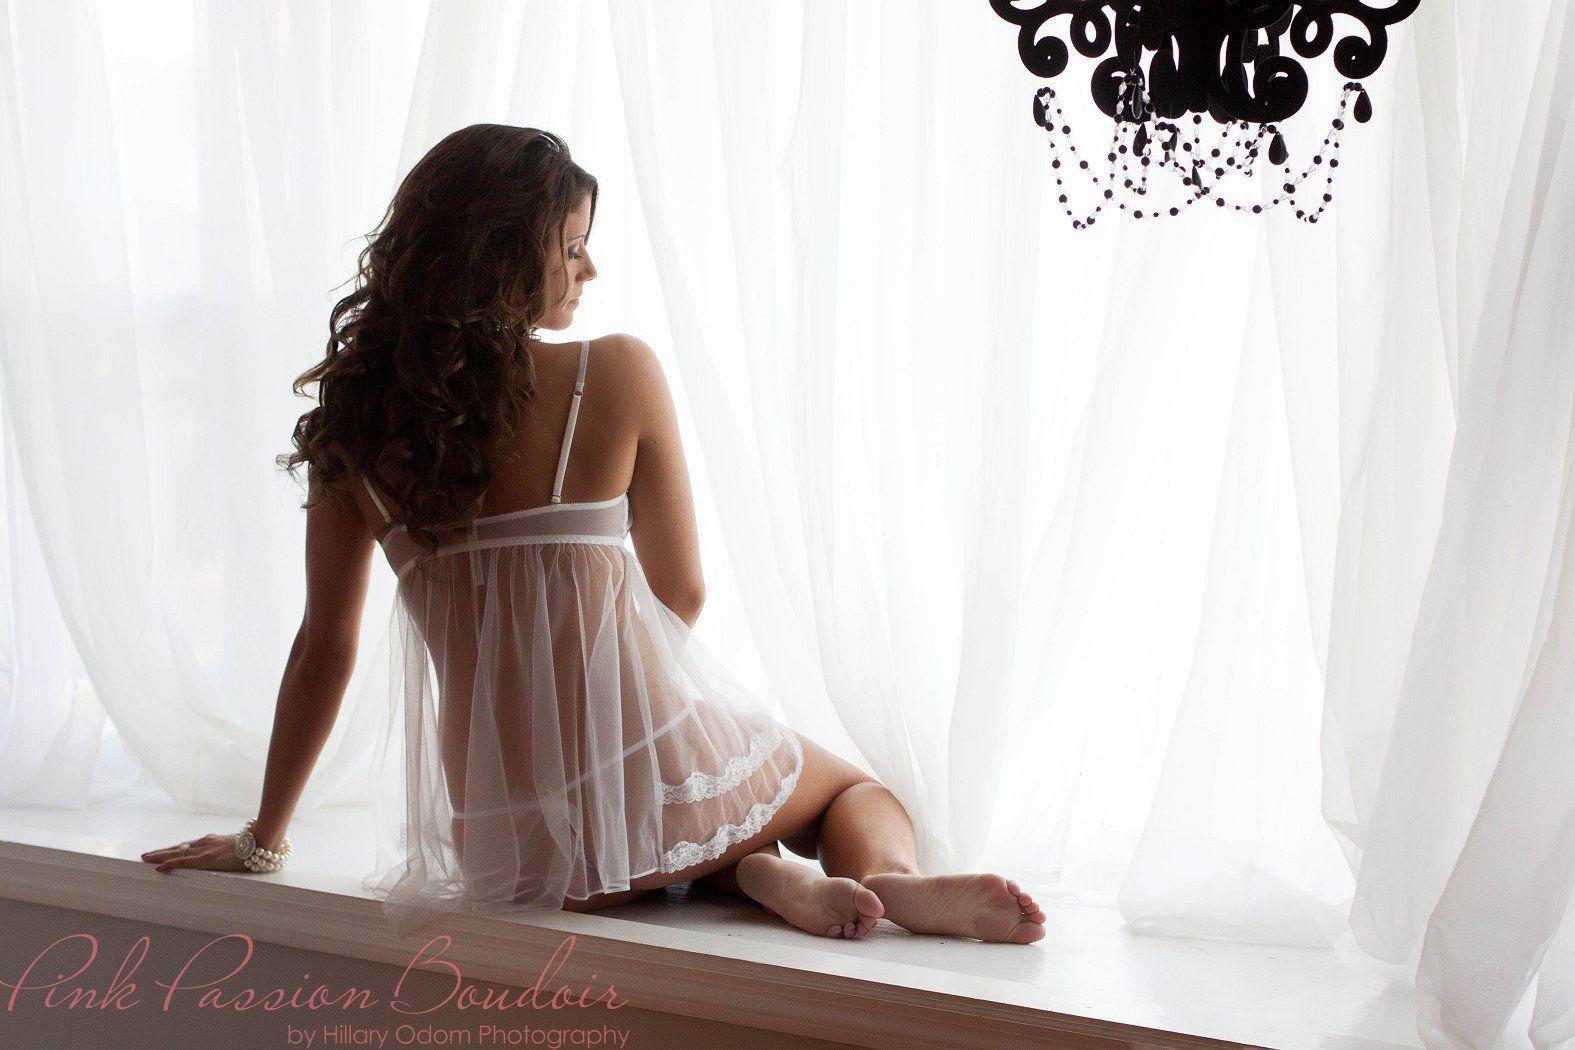 pinkpassionboudoir v1site Wedgalleries gallery12 BLUFULLGRANTJ1114 8161